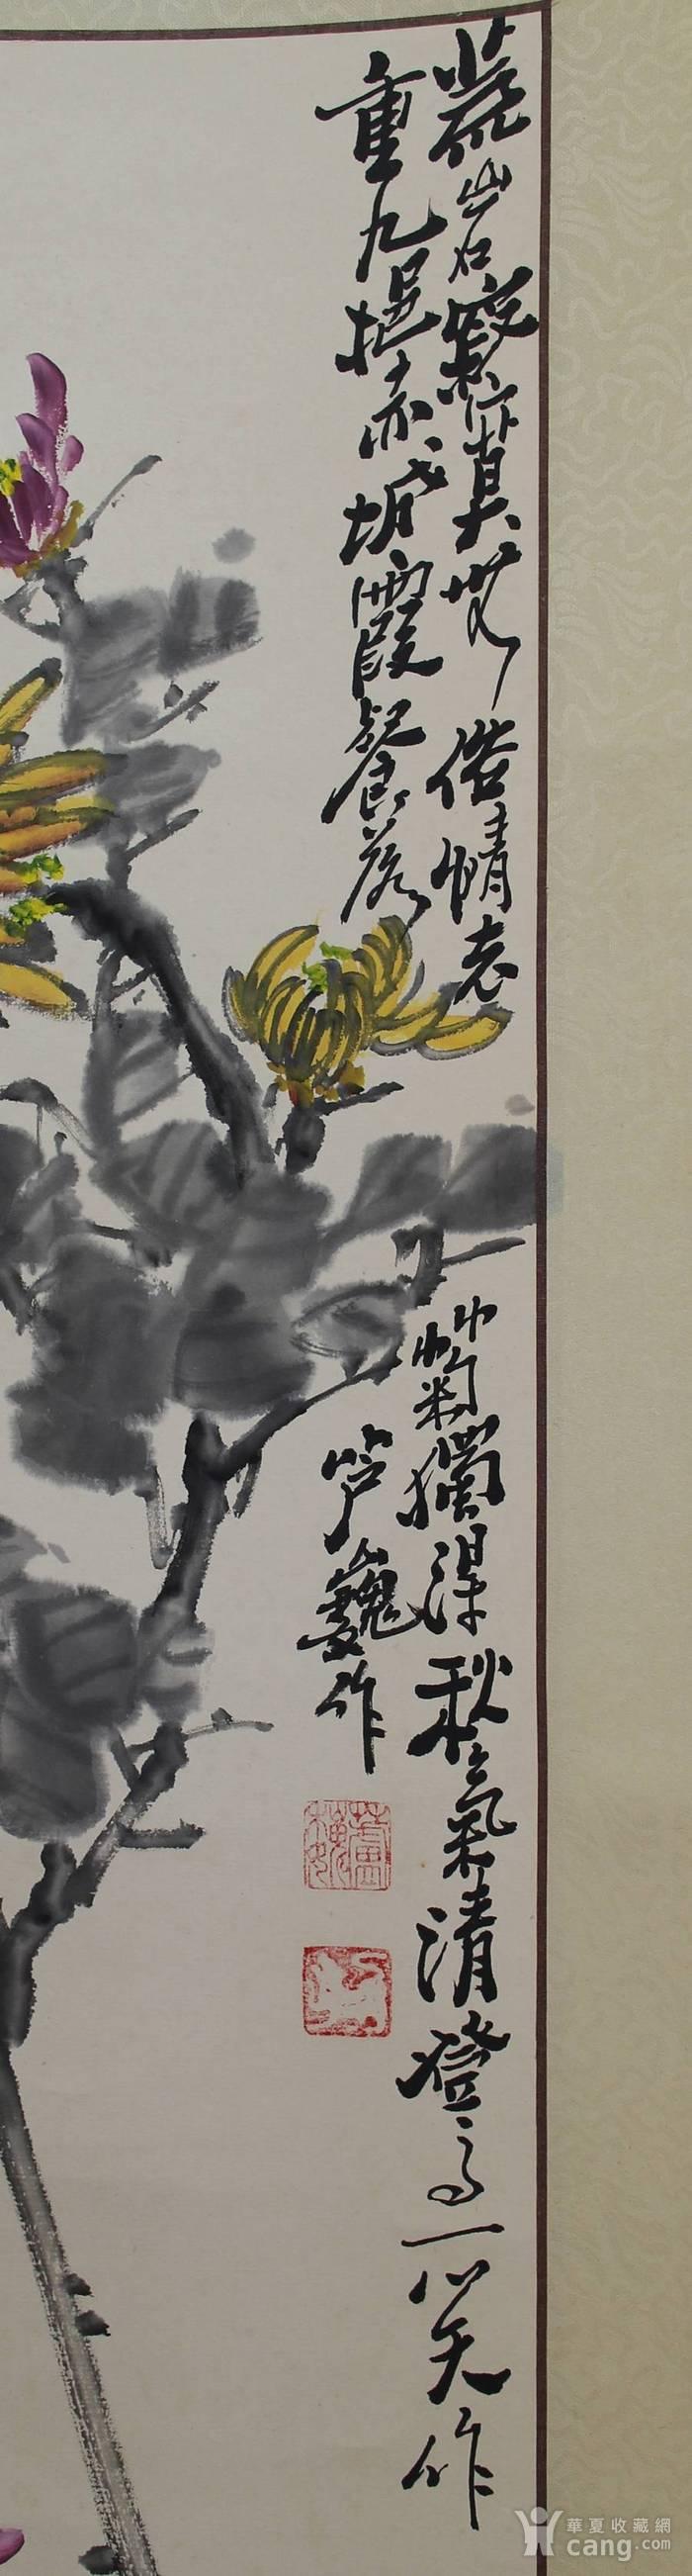 华夏推精作品,芦巍作品,菊花图3